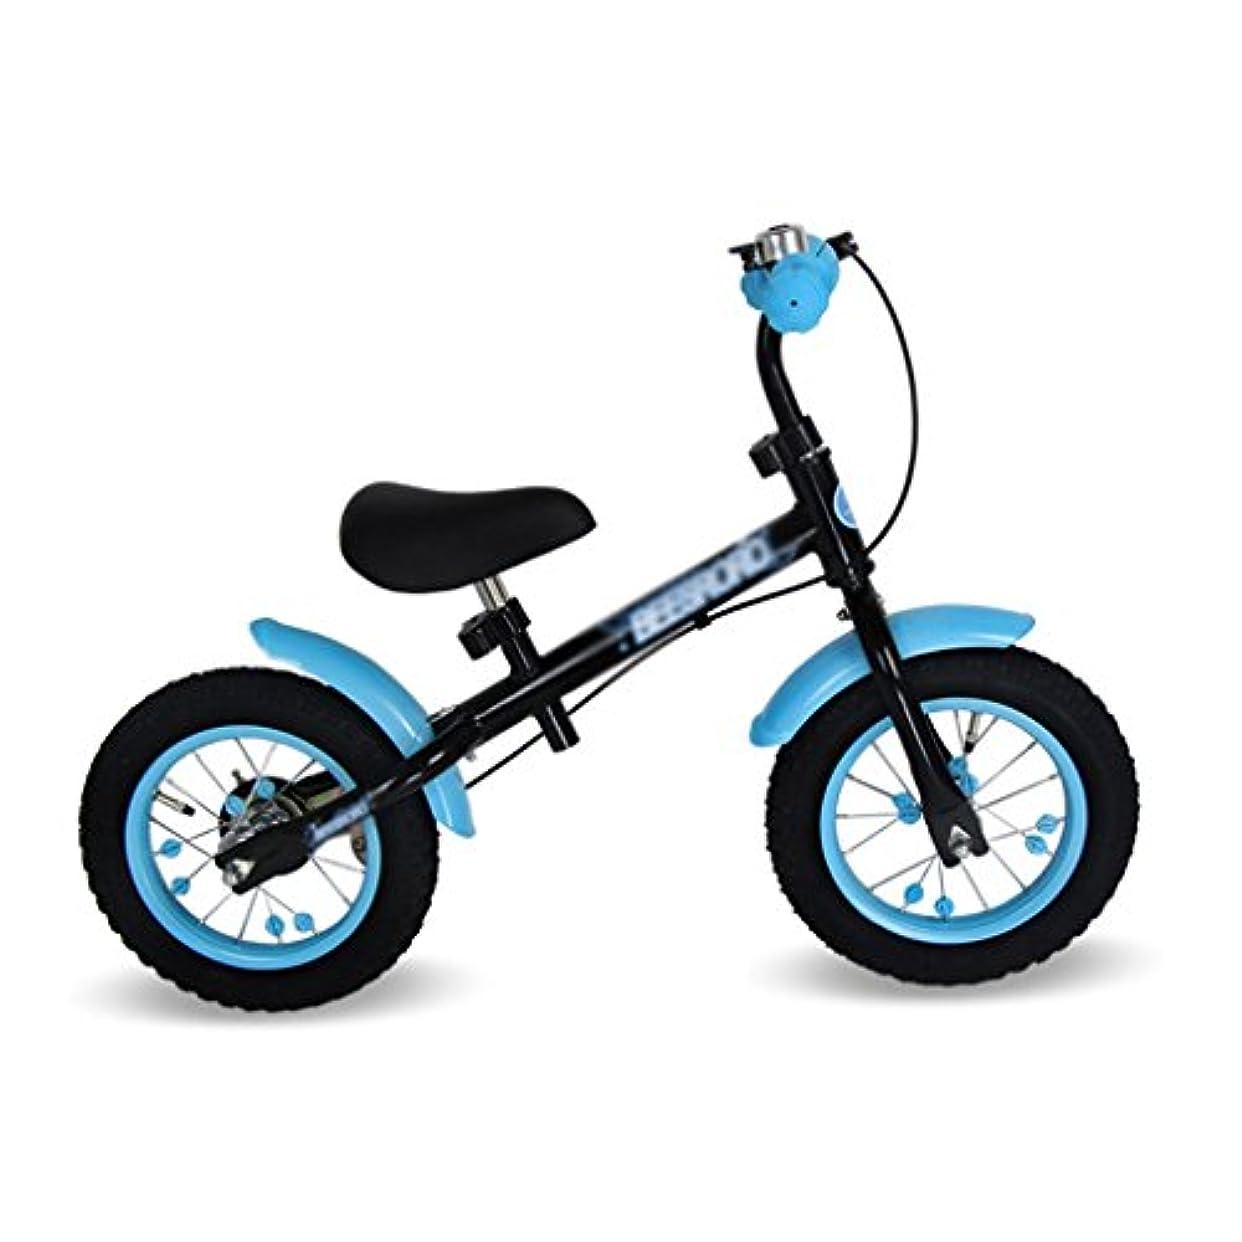 横にほこりっぽいほめるWJ ベビースクーター2つのラウンドは、ペダルなしでインフレする必要がありますベビースクーター子供の車子供ダブルホイール自転車子供のスクーターウォーカー2-6歳